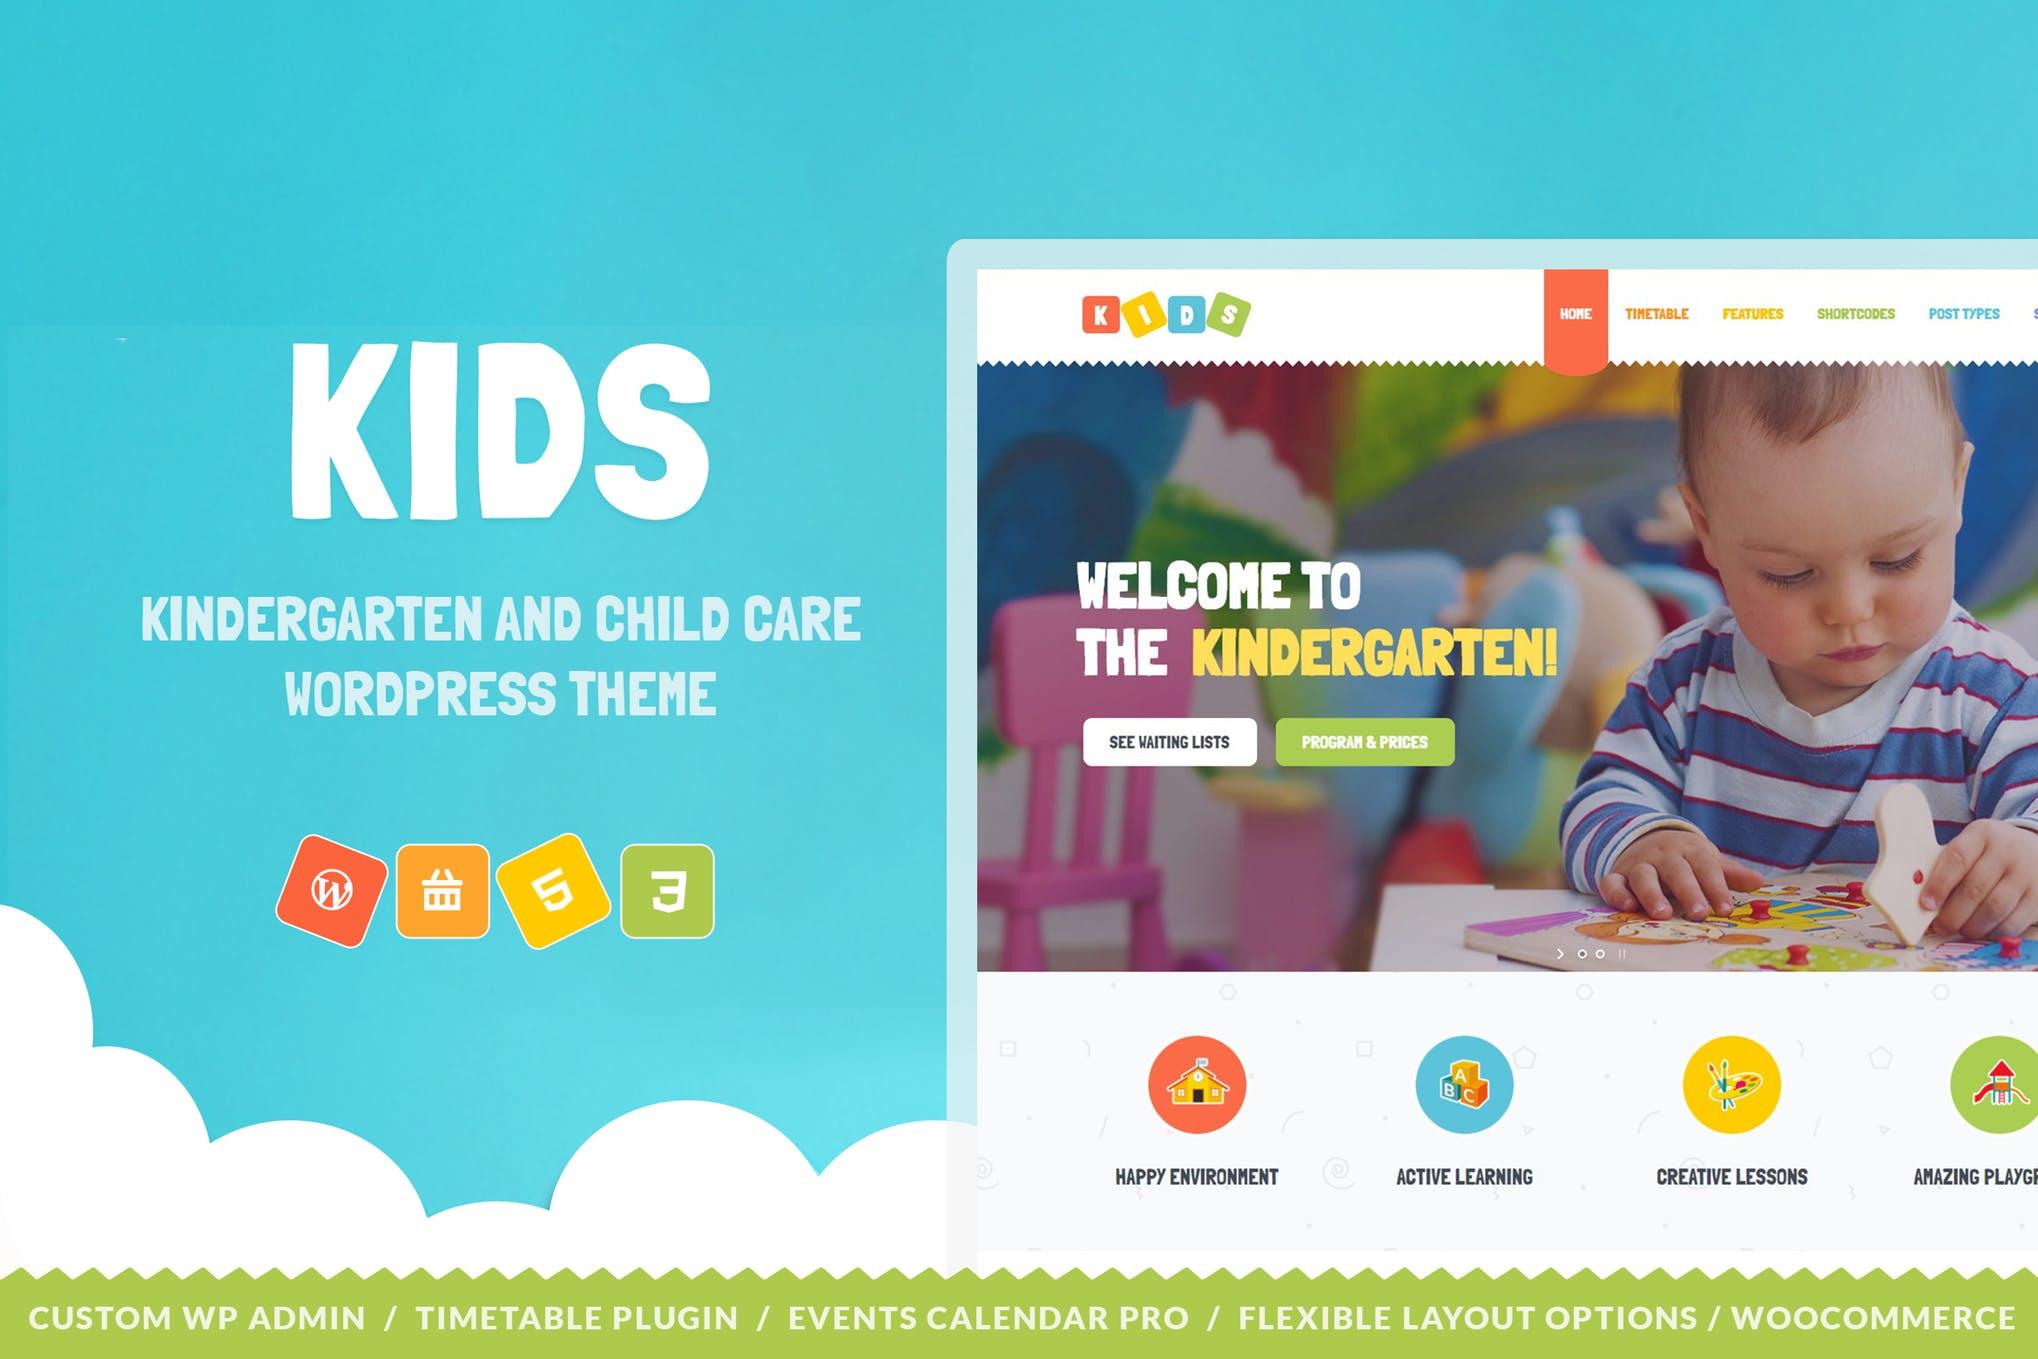 Kids - 日托和幼儿园文字新闻WordPress主题模板